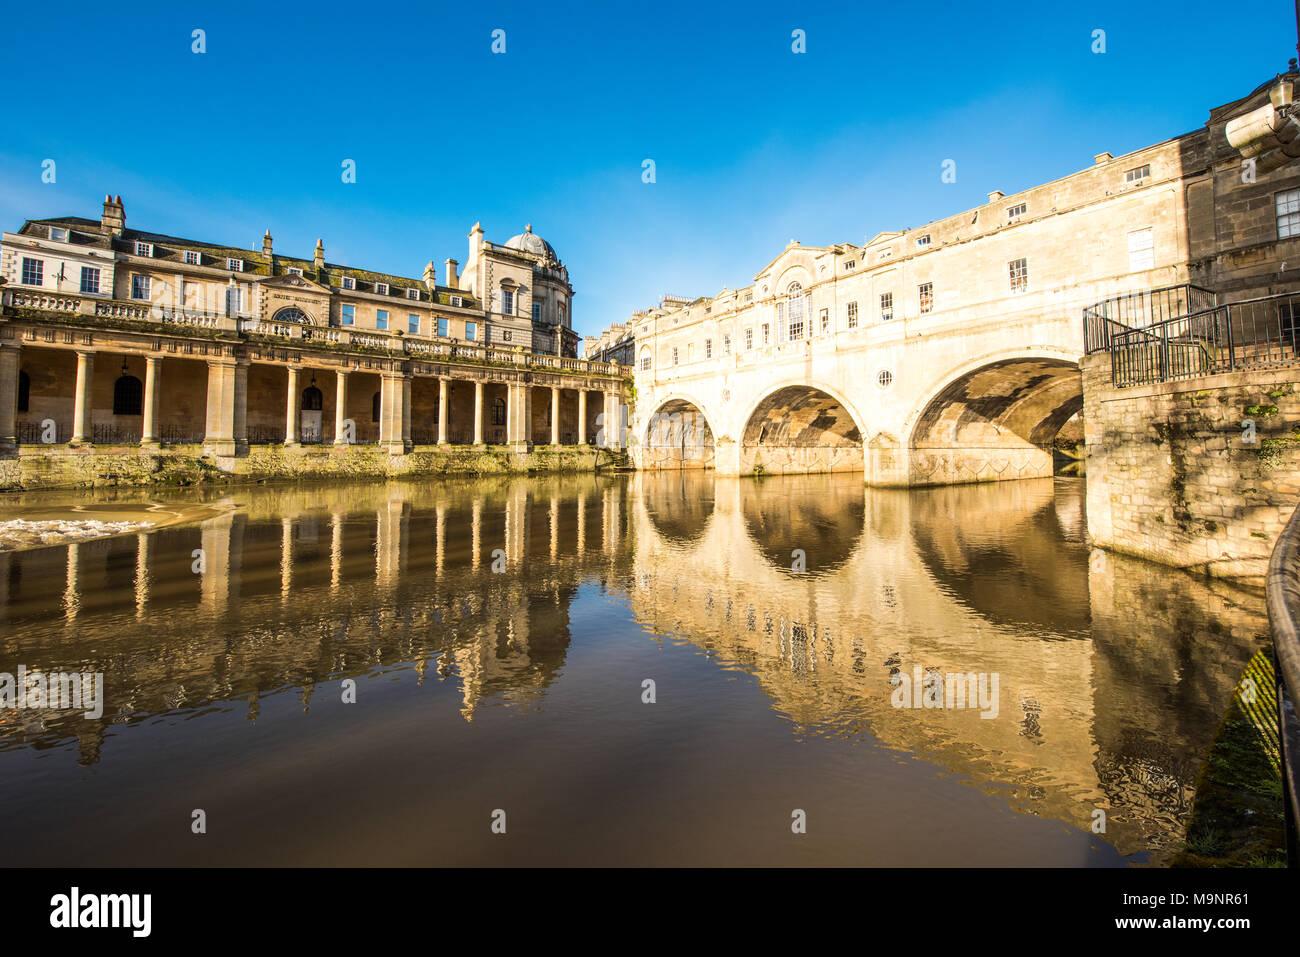 Histórico del puente Pulteney tres arcos y columnas refleja el gran desfile en el resplandeciente Río Avon, en Bath con un hermoso cielo azul claro Imagen De Stock